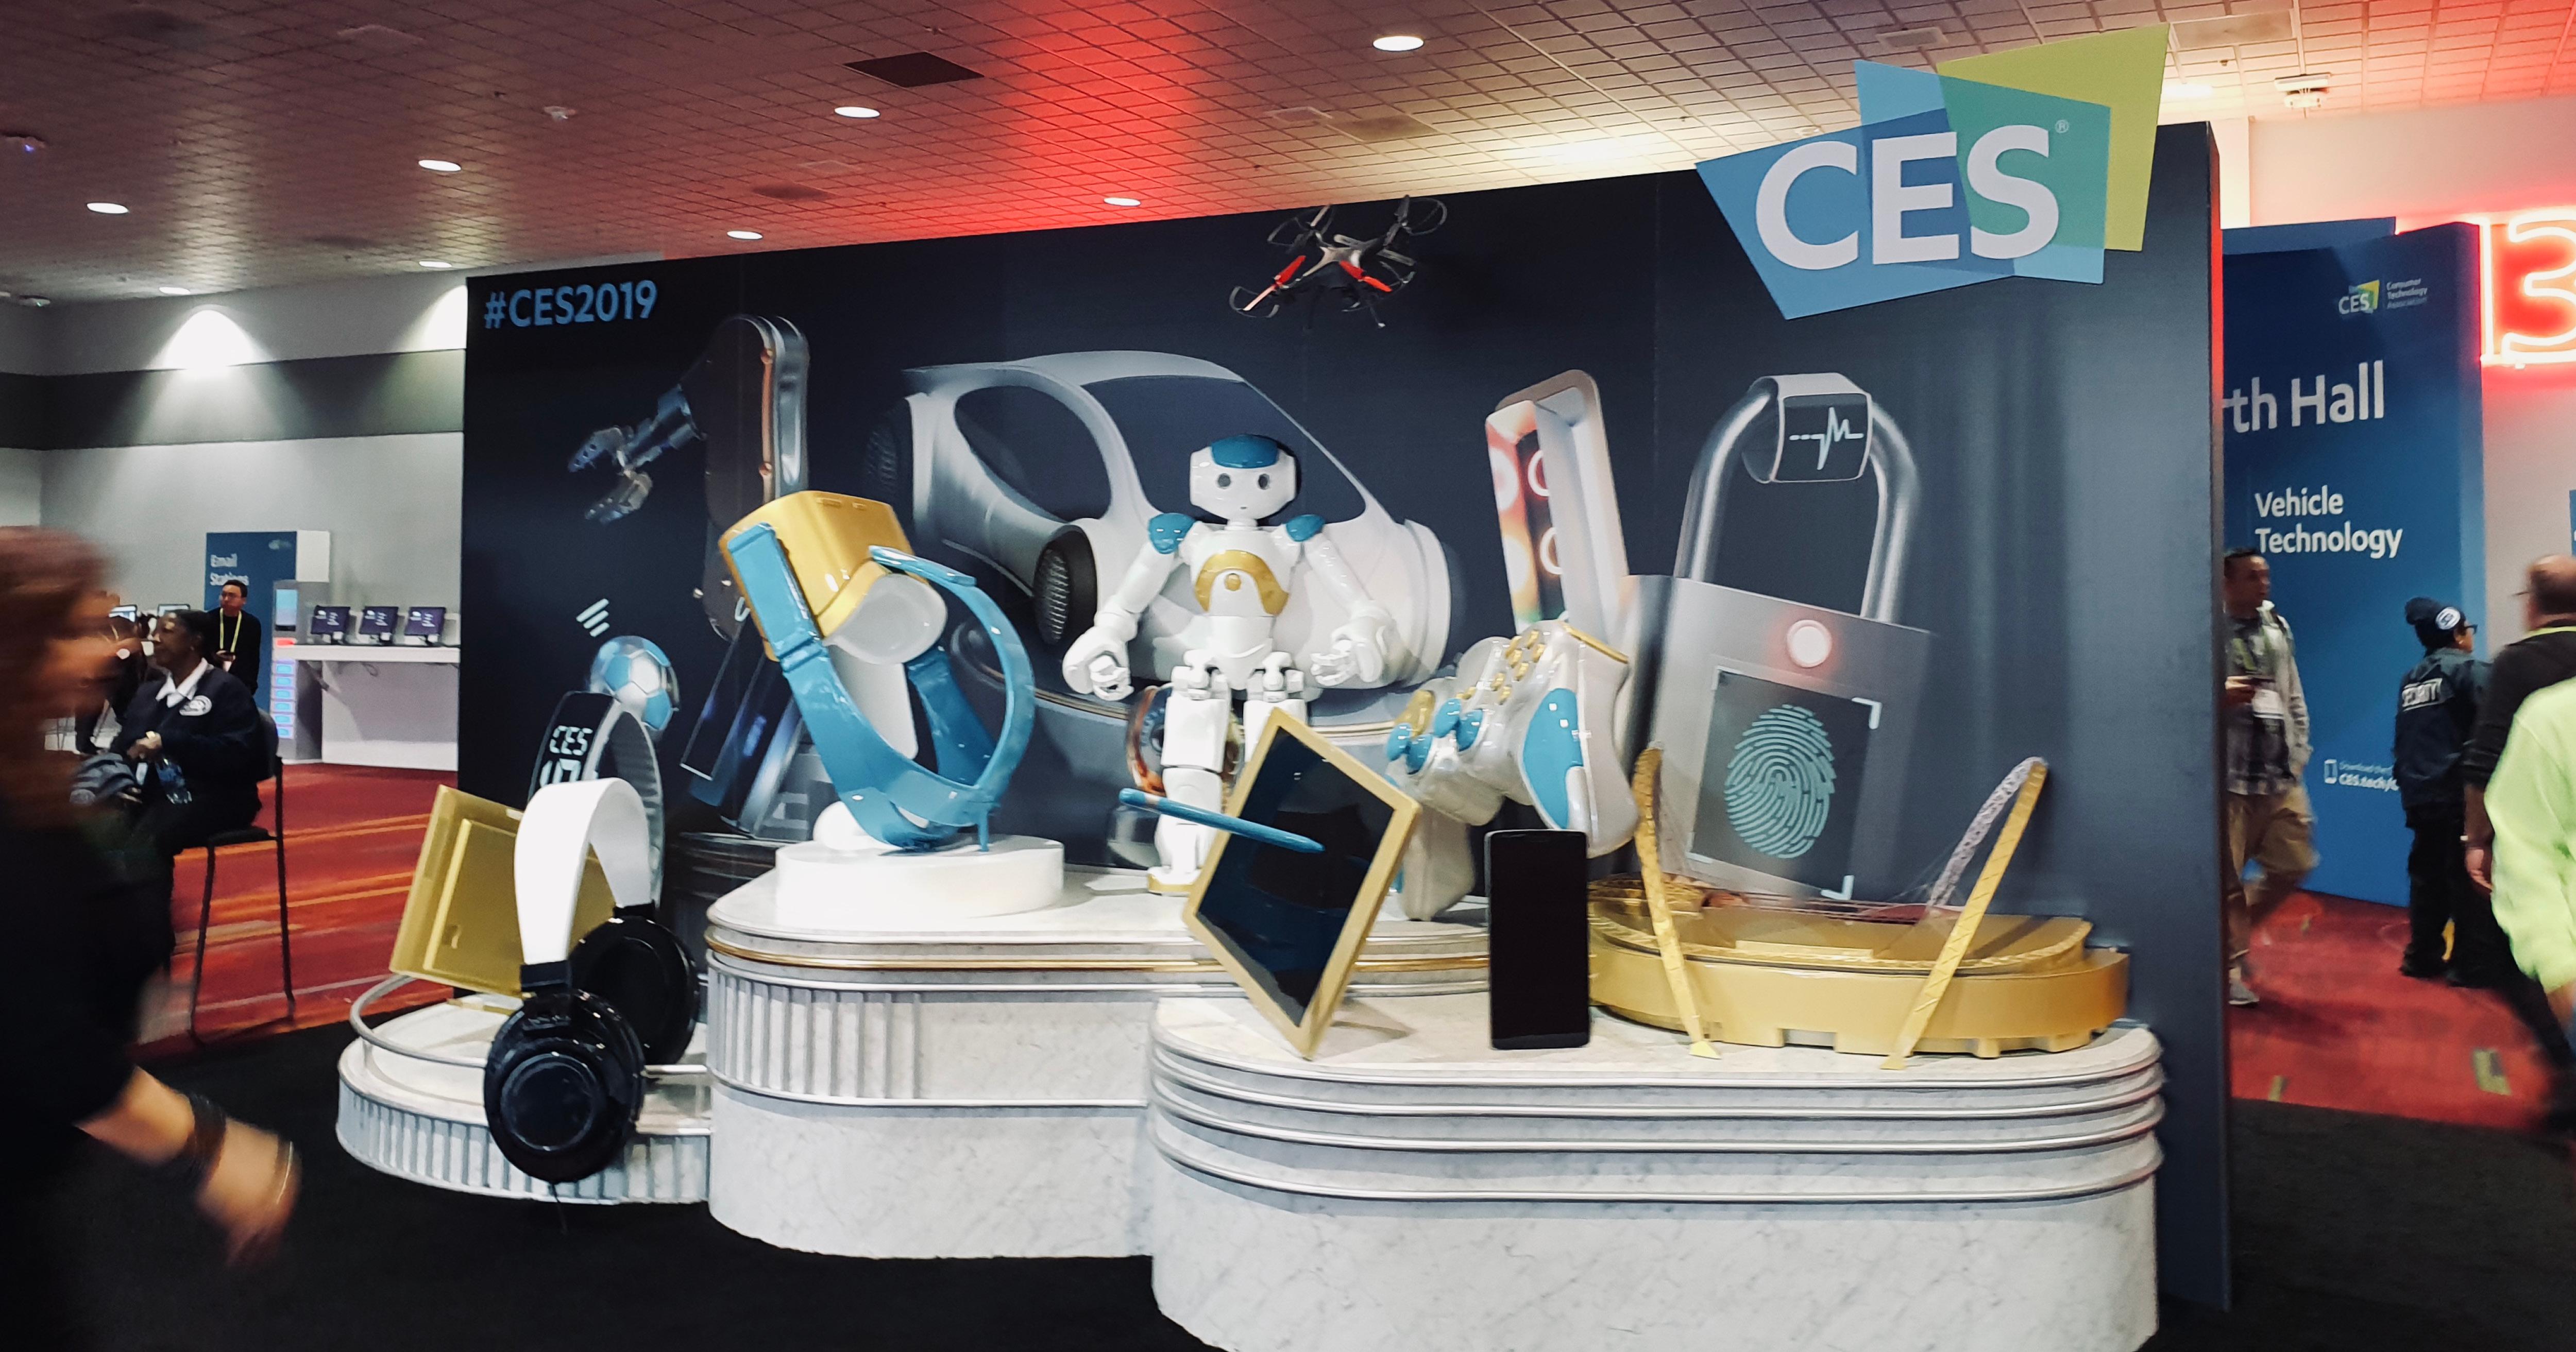 CES Las Vegas 2019 - Consumer electronics show